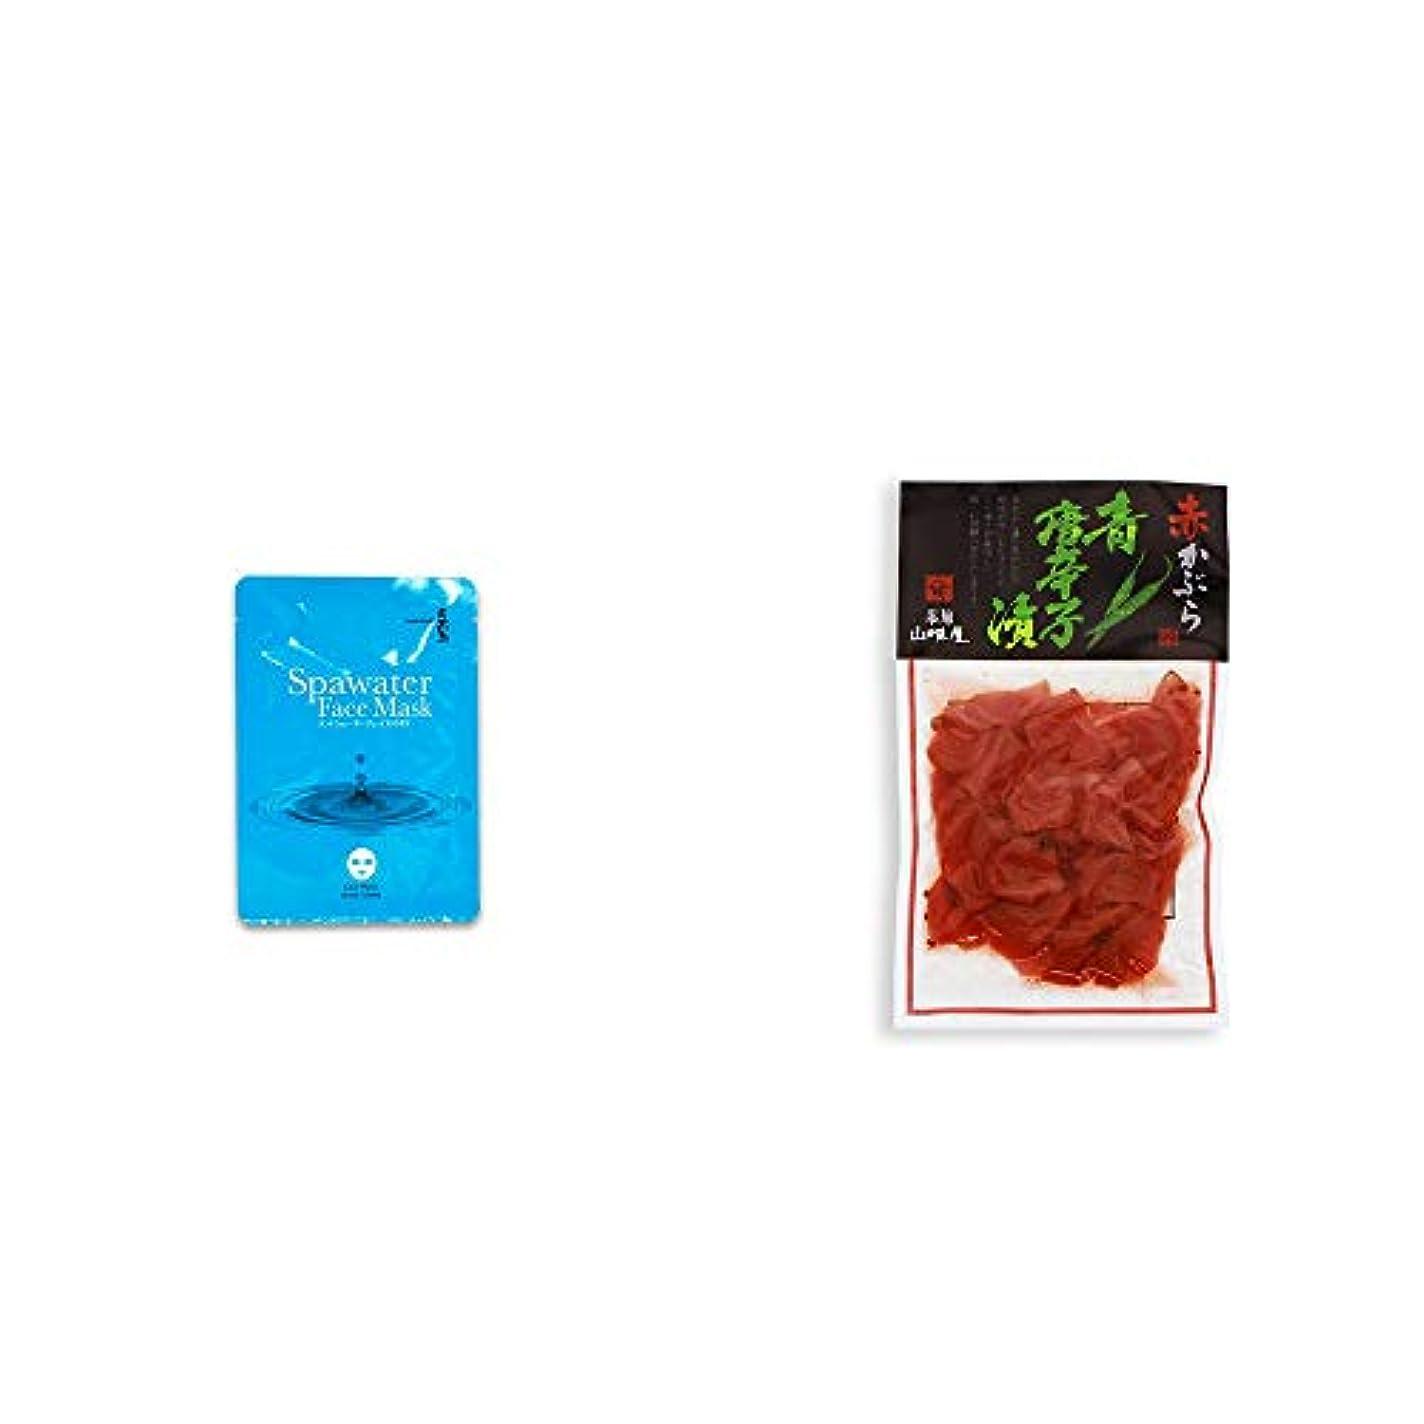 トランペット愛するコーデリア[2点セット] ひのき炭黒泉 スパウォーターフェイスマスク(18ml×3枚入)・飛騨山味屋 赤かぶら 青唐辛子漬(140g)